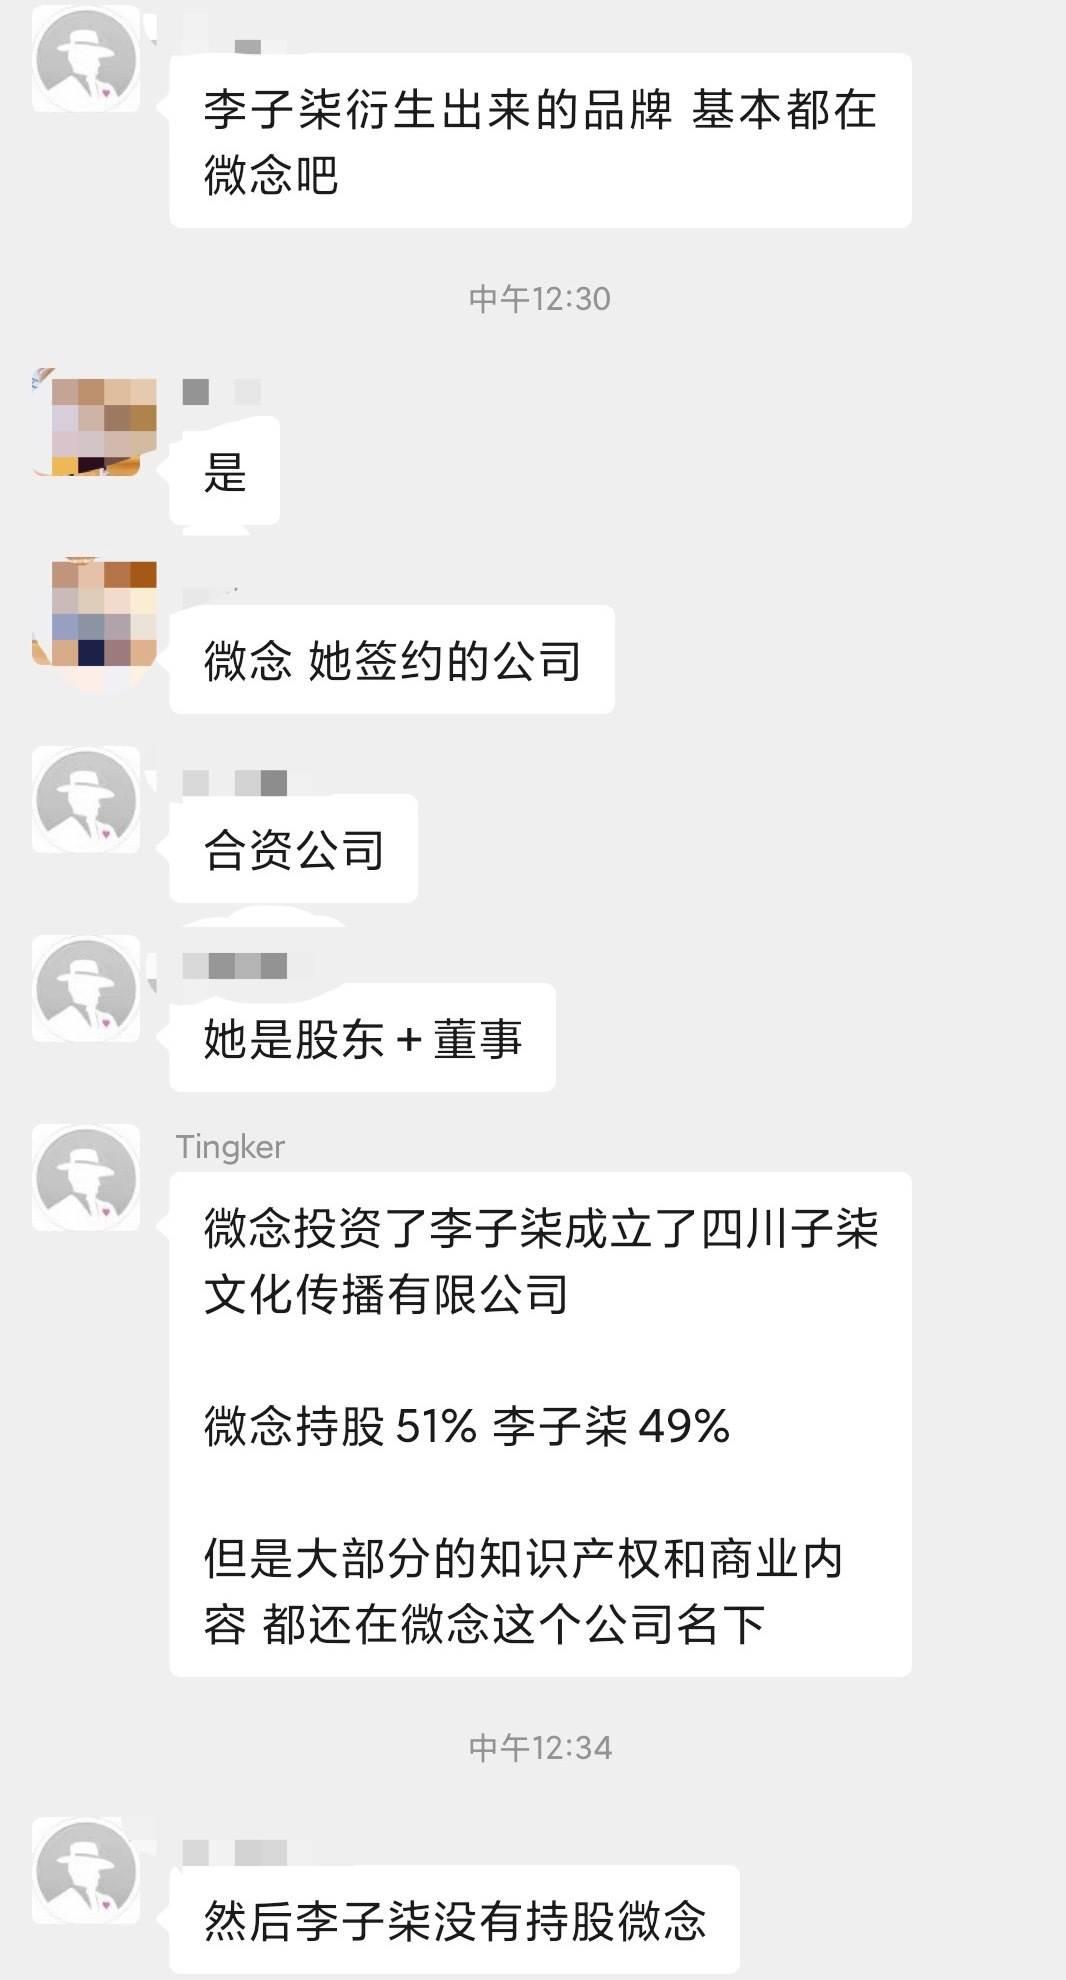 李子柒迷局:视频停更66天 千万网红斗不过资本? 无忧杂谈 第4张